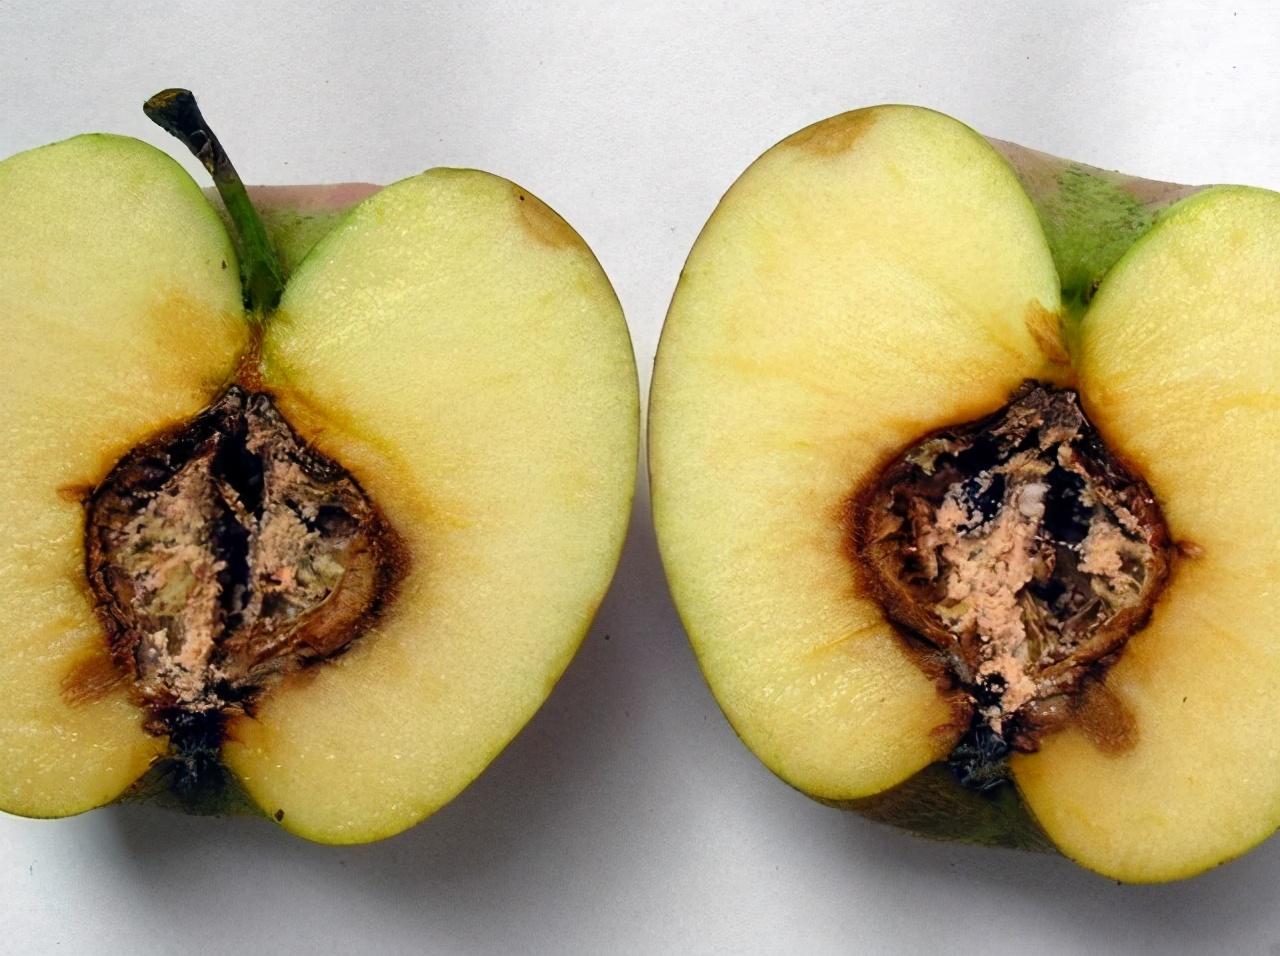 蘋果霉心病導致果實心室發霉,不利于商品價值,如何防治?